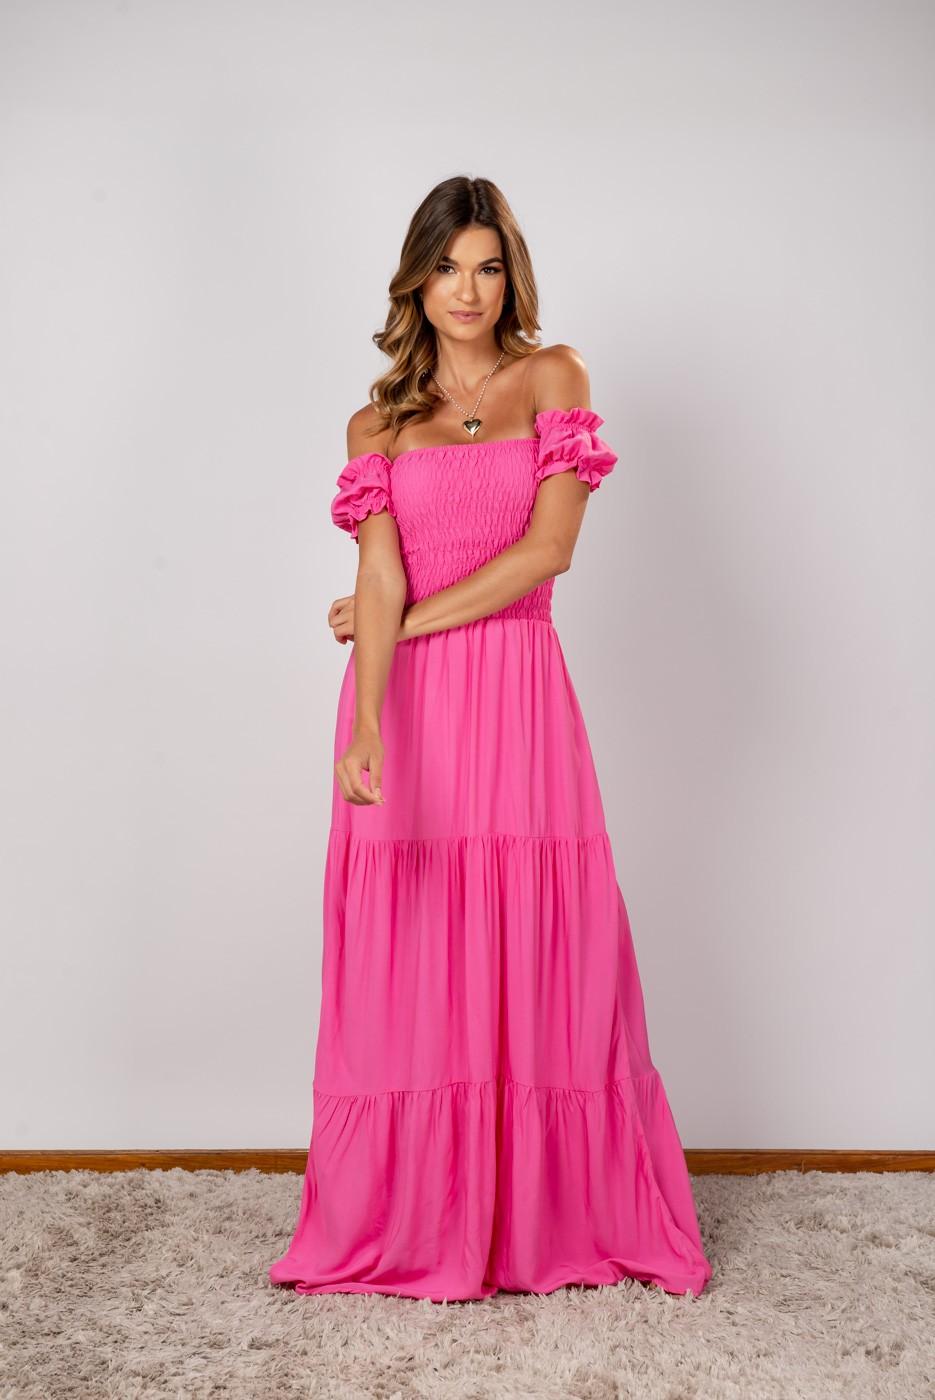 Vestido Lastex Ombro Rosa Chiclete